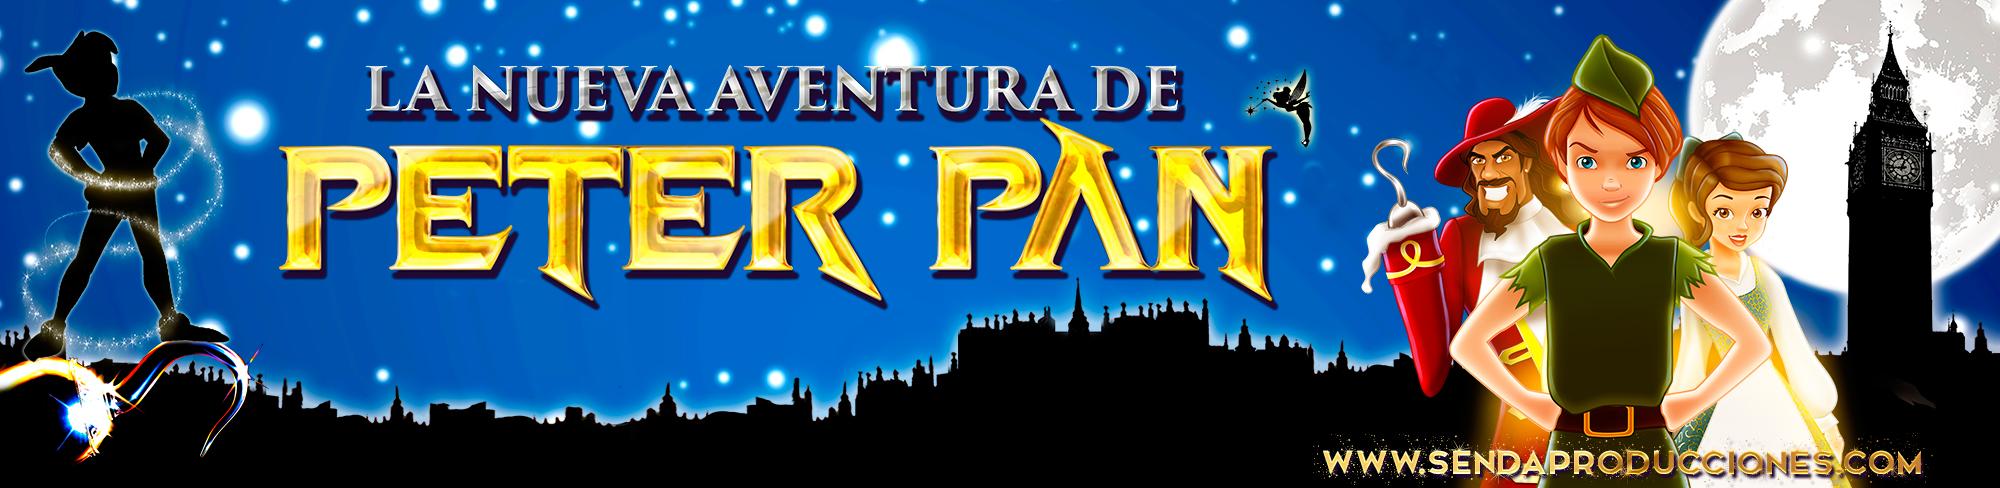 2018-04-22-PeterPan